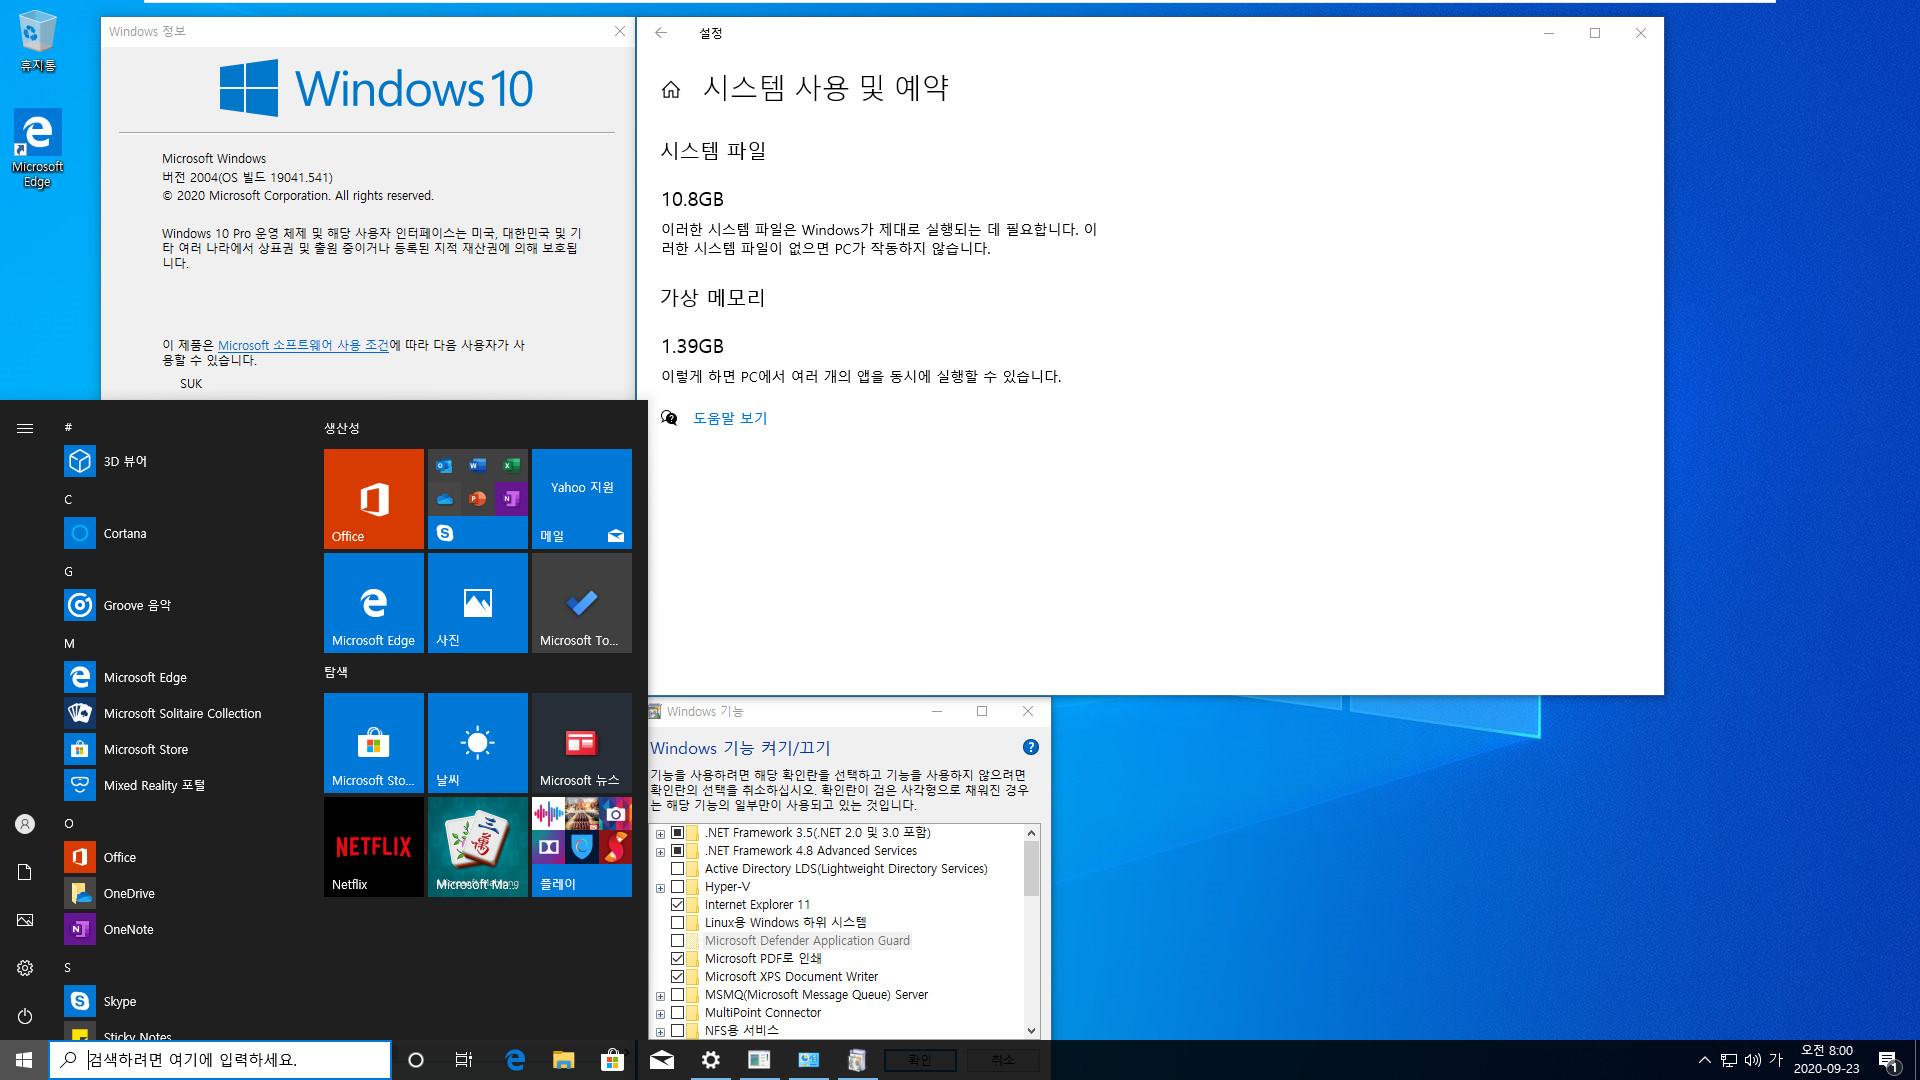 2020-09-23 업데이트 통합 PRO x64 2개 - Windows 10 버전 2004 + 버전 20H2 누적 업데이트 KB4577063 (OS 빌드 19041.541 + 19042.541) - 설치 테스트 2020-09-23_080050.jpg